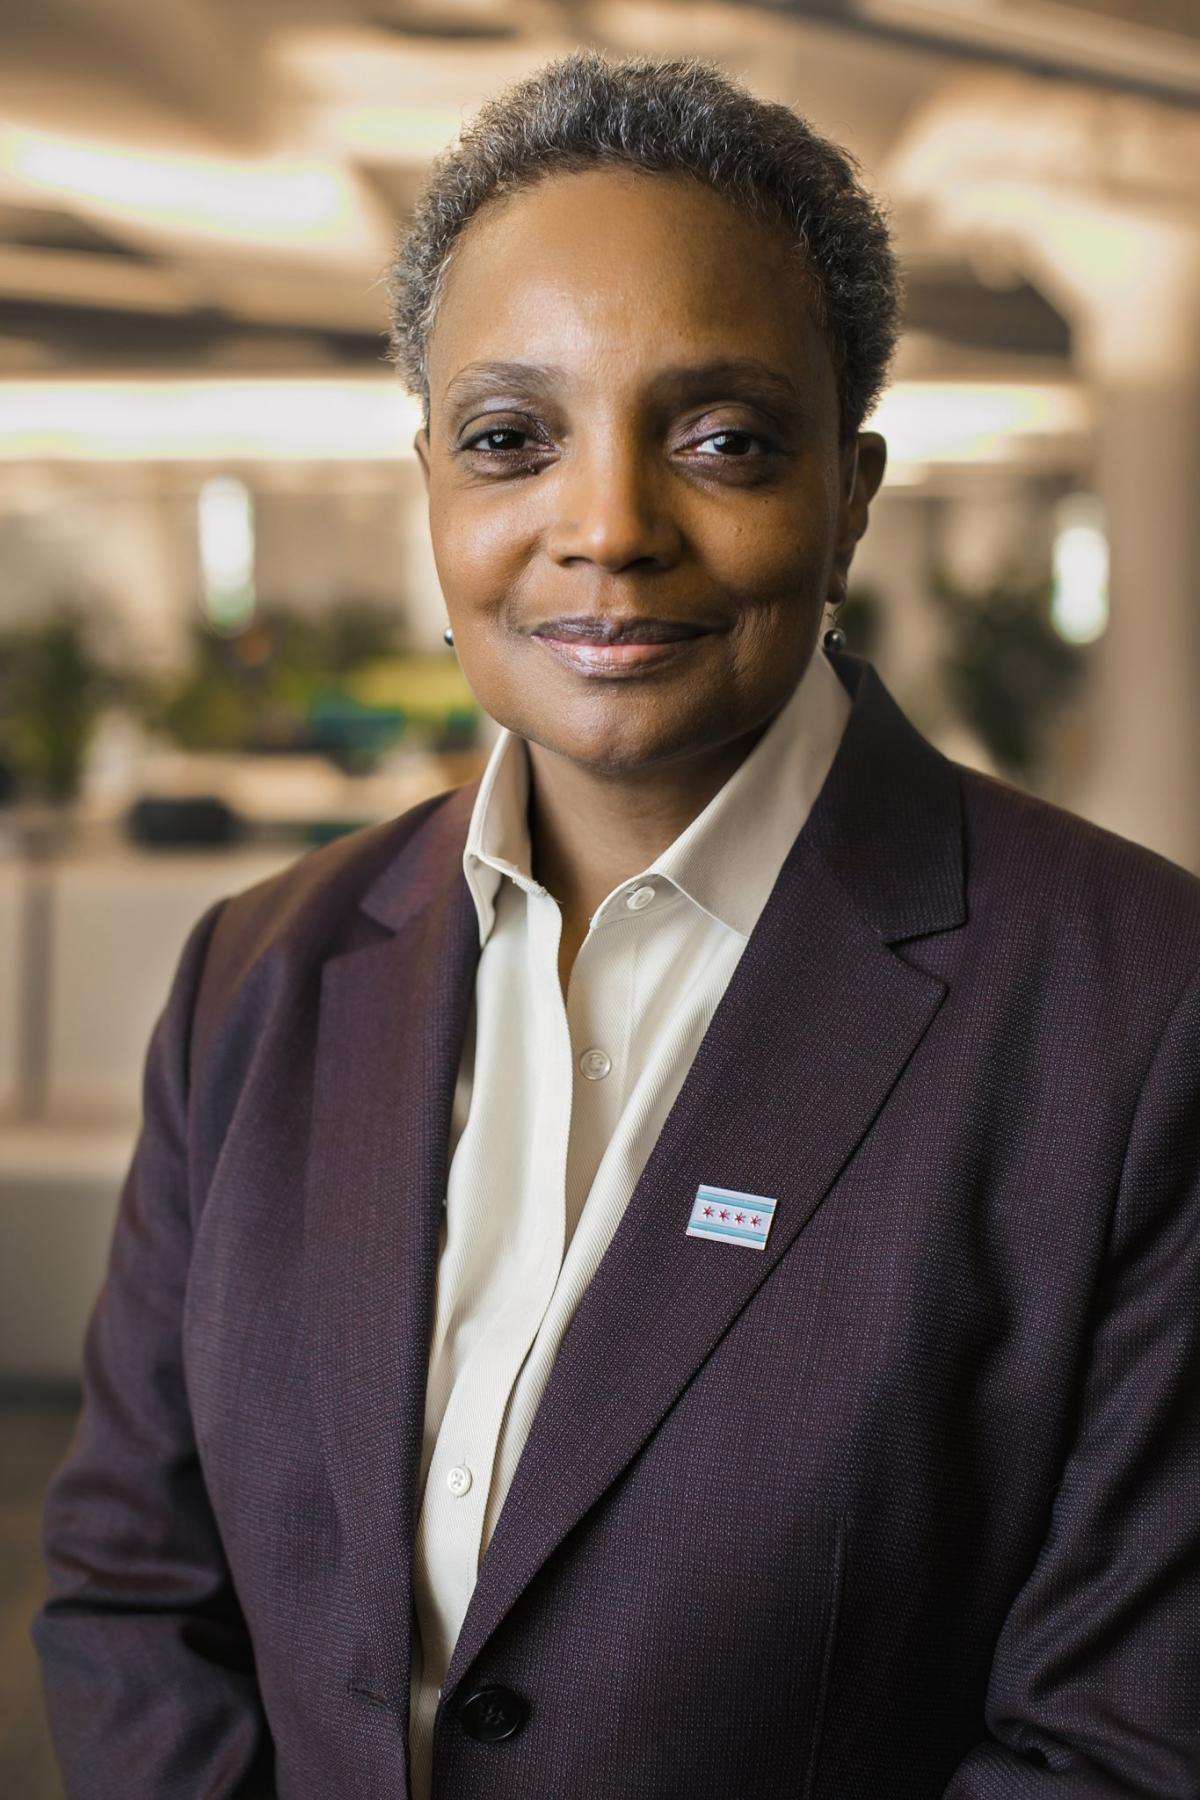 """Black Lives Matter a gyakorlatban - Lori Lightfoot chicagói polgármester szóvivője állítólag bejelentette, csak """"fekete vagy barna"""" újságíróknak ad interjút a polgármester"""